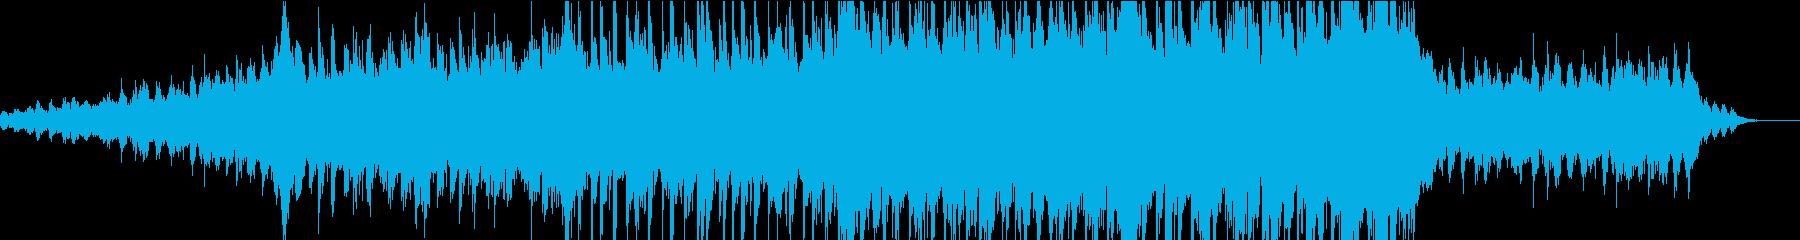 代替案 ポップ 現代的 交響曲 ク...の再生済みの波形